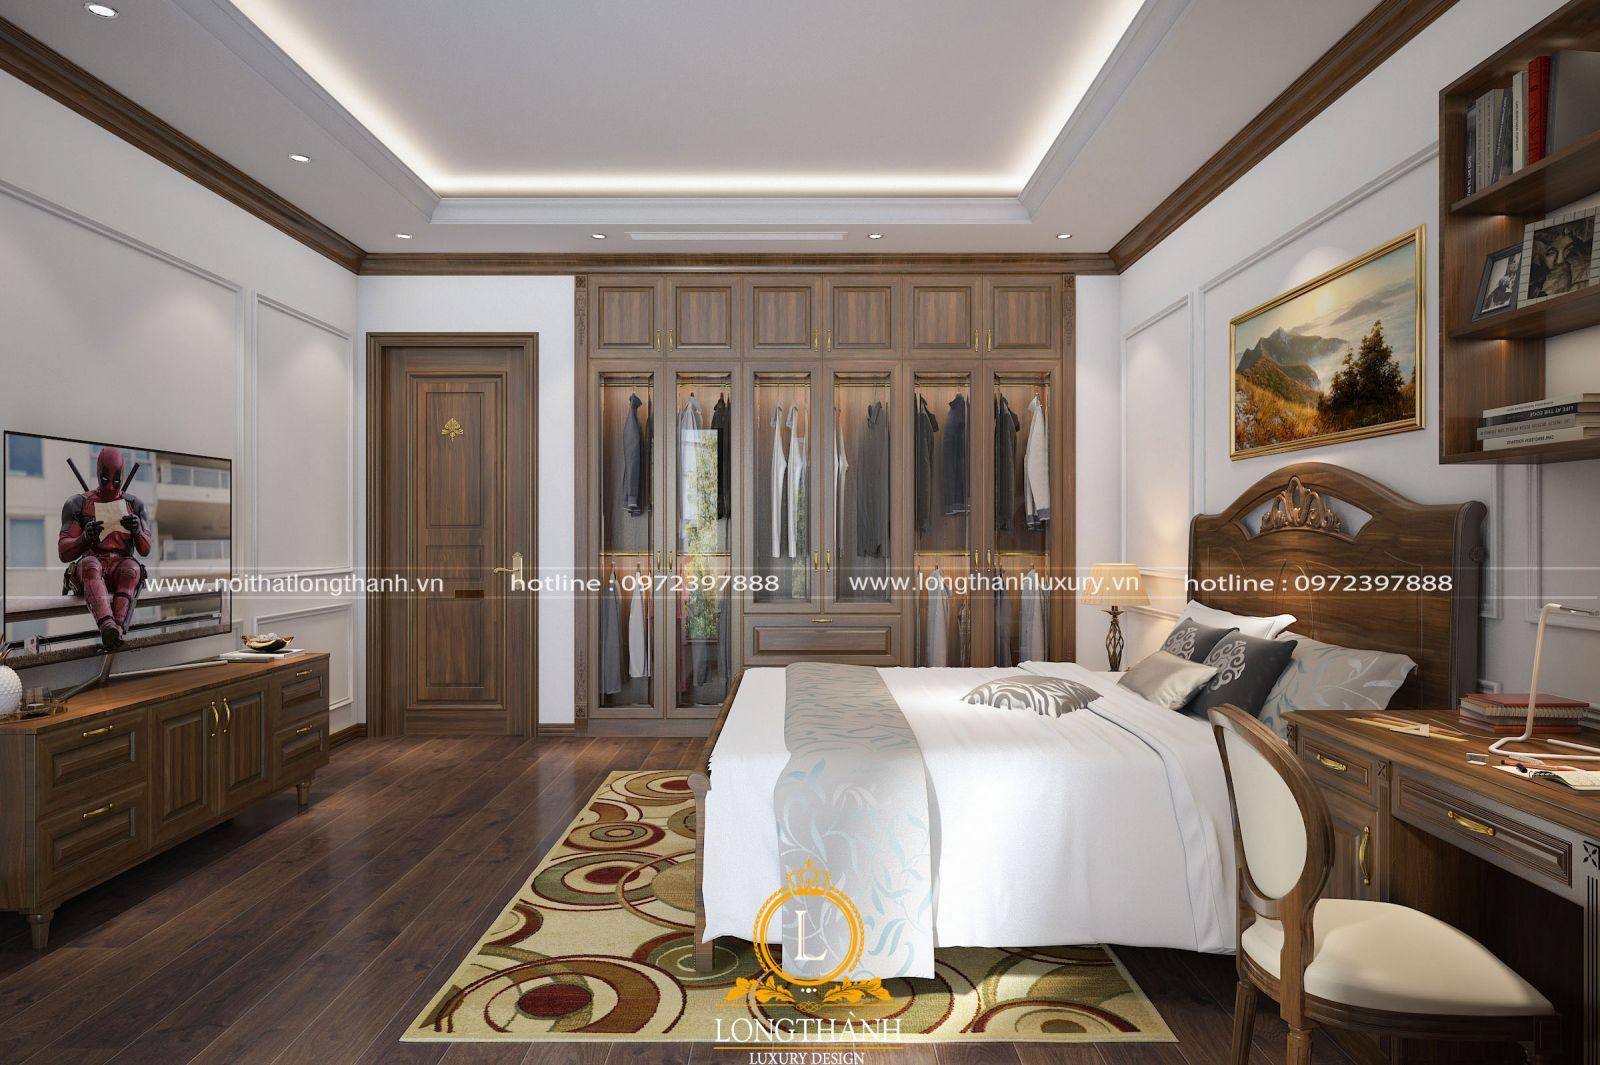 Phòng ngủ hiện đại tích hợp các nhu cầu thiết yếu